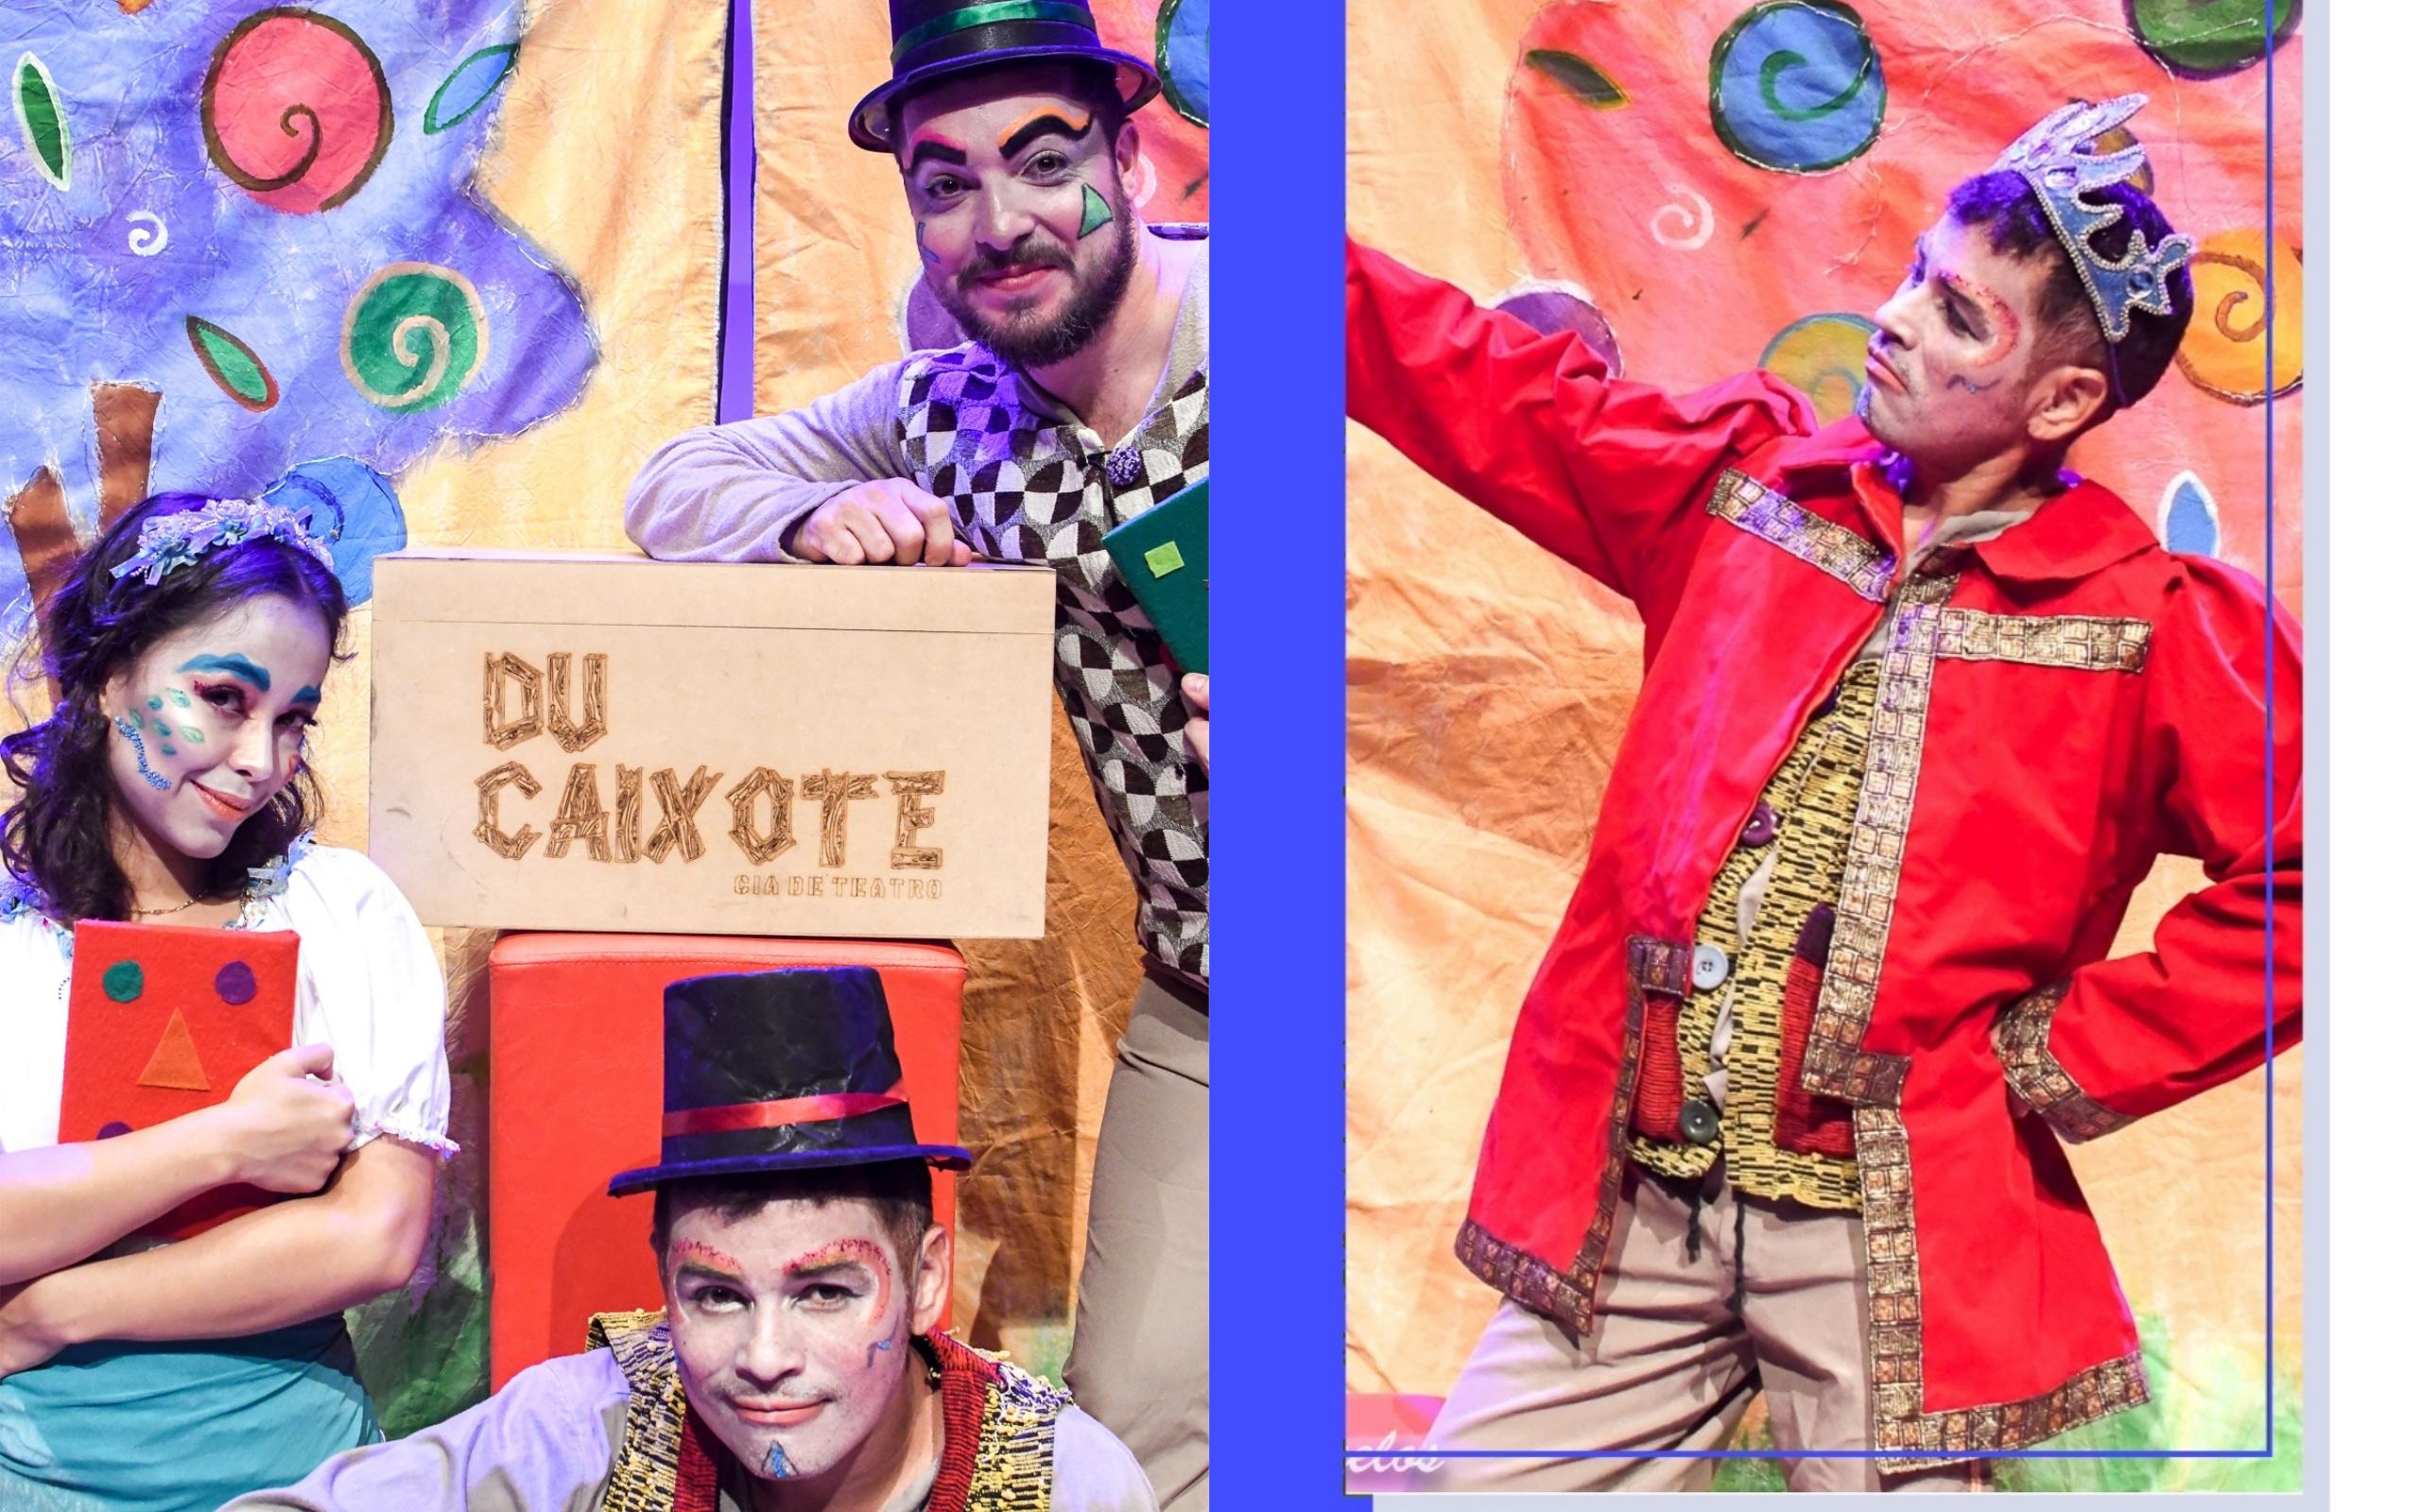 Teatro Goiânia recebe peça 'Histórias Du Caixote'